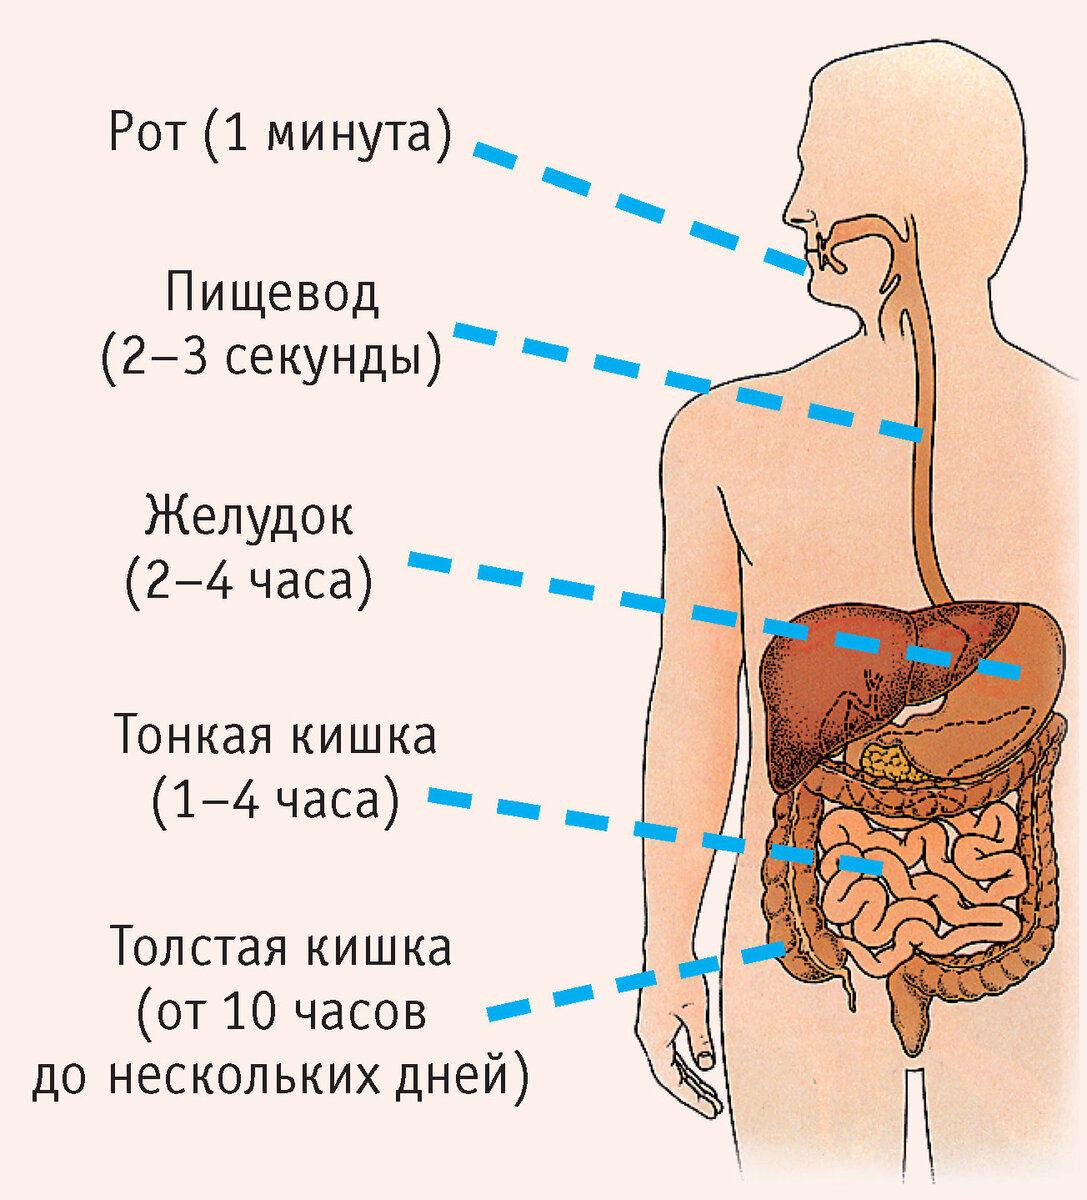 Раздел пищеварение лекция №2 -3 пищеварение: сущность, строение пищеварительной системы